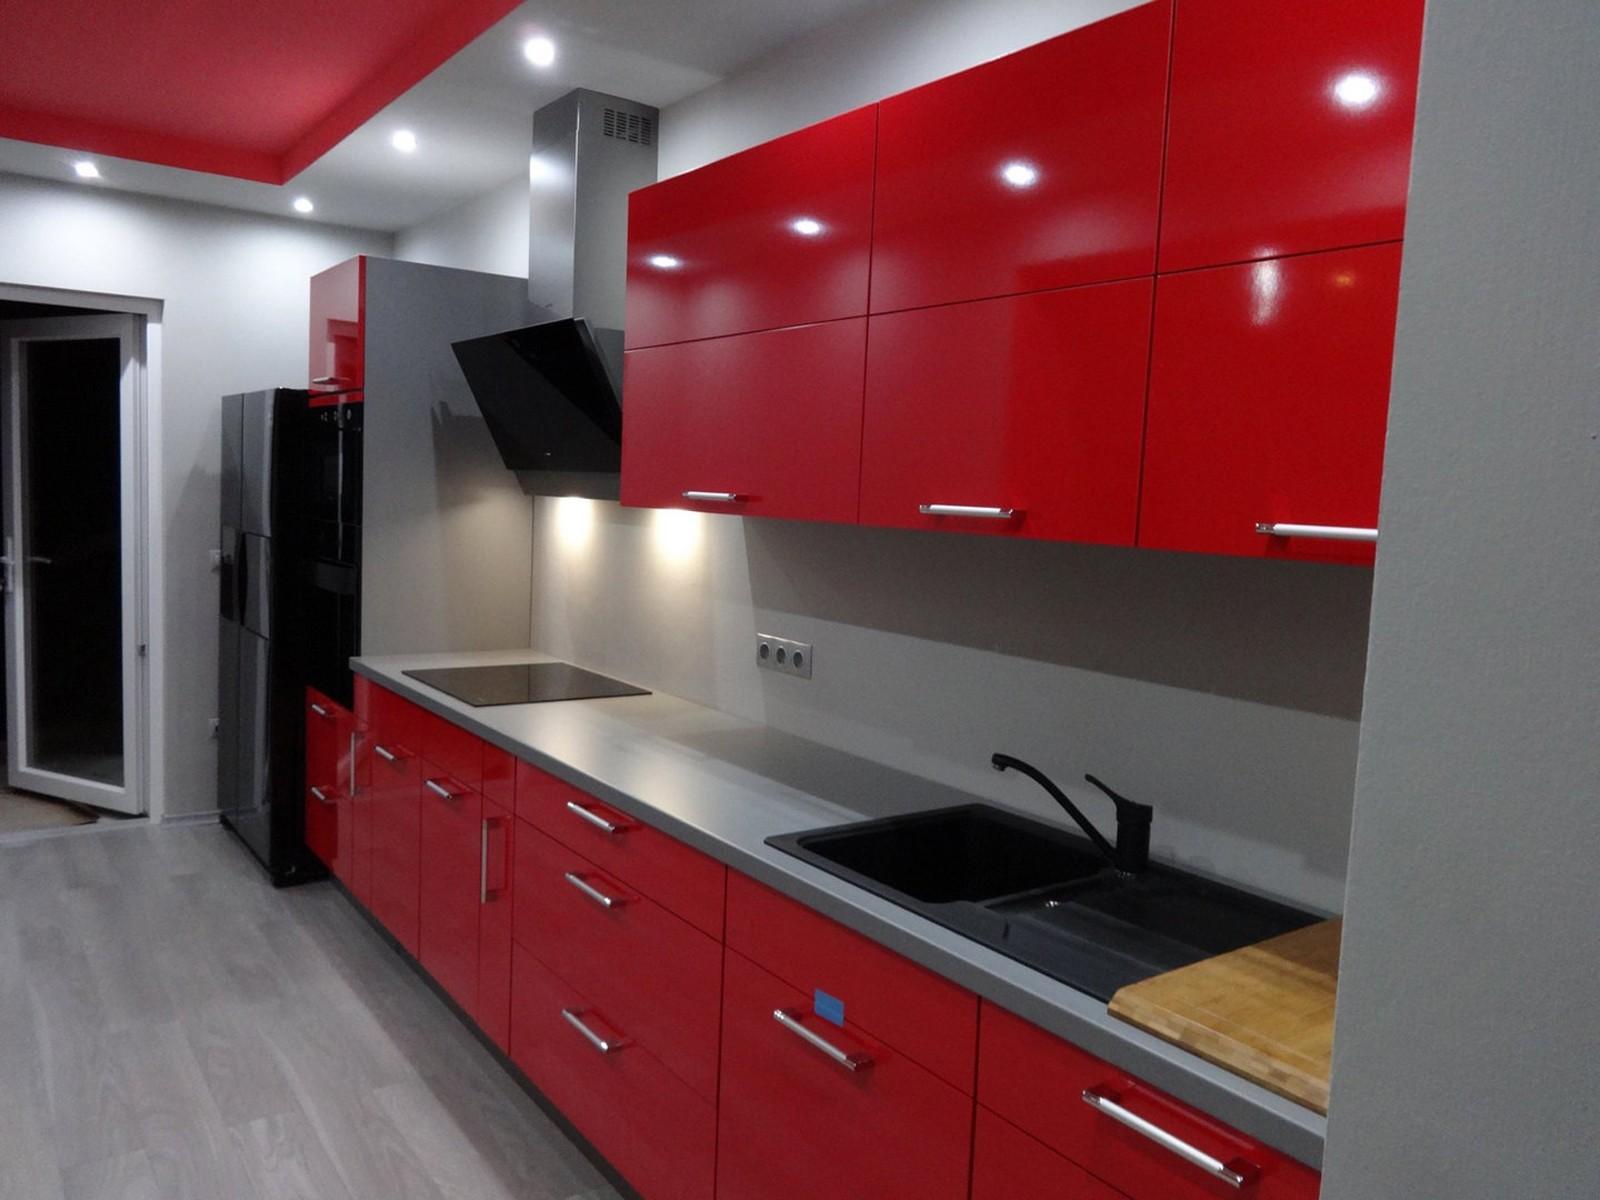 Referință - Bucătărie modernă Nobilia Gloss - Roșu / Gri mineral